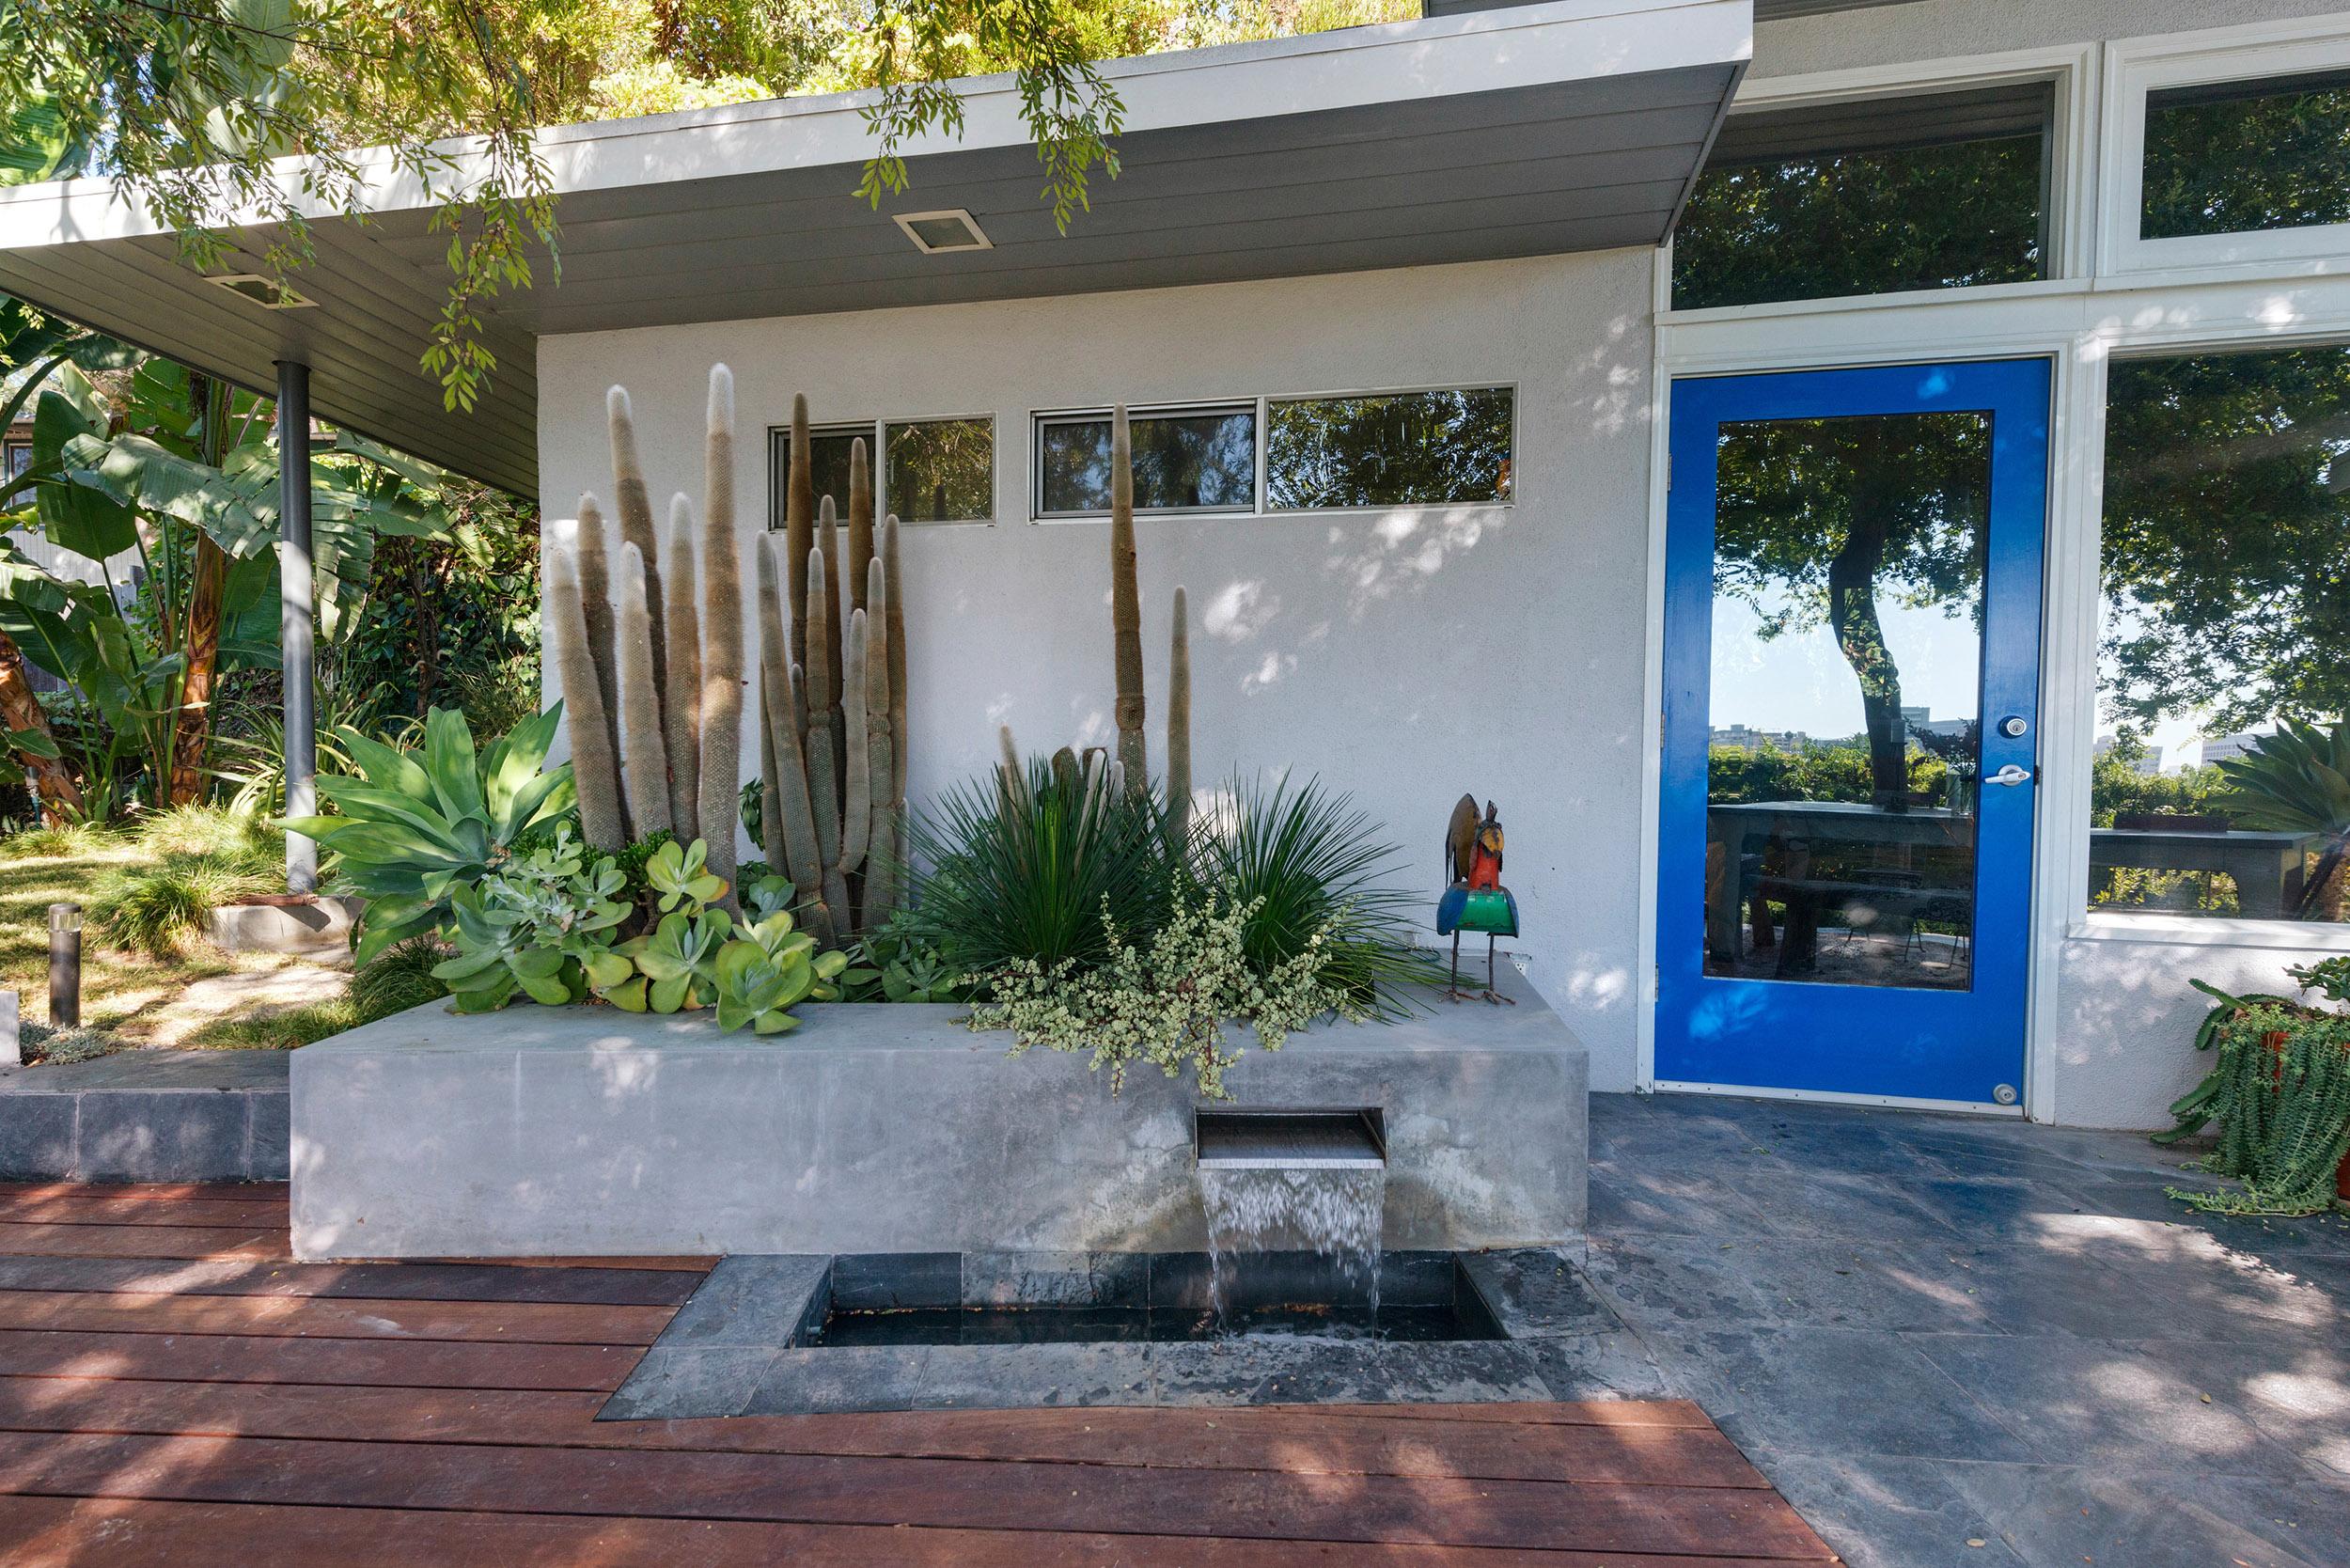 Franklin Hills Midcentury Modern Parson Architecture